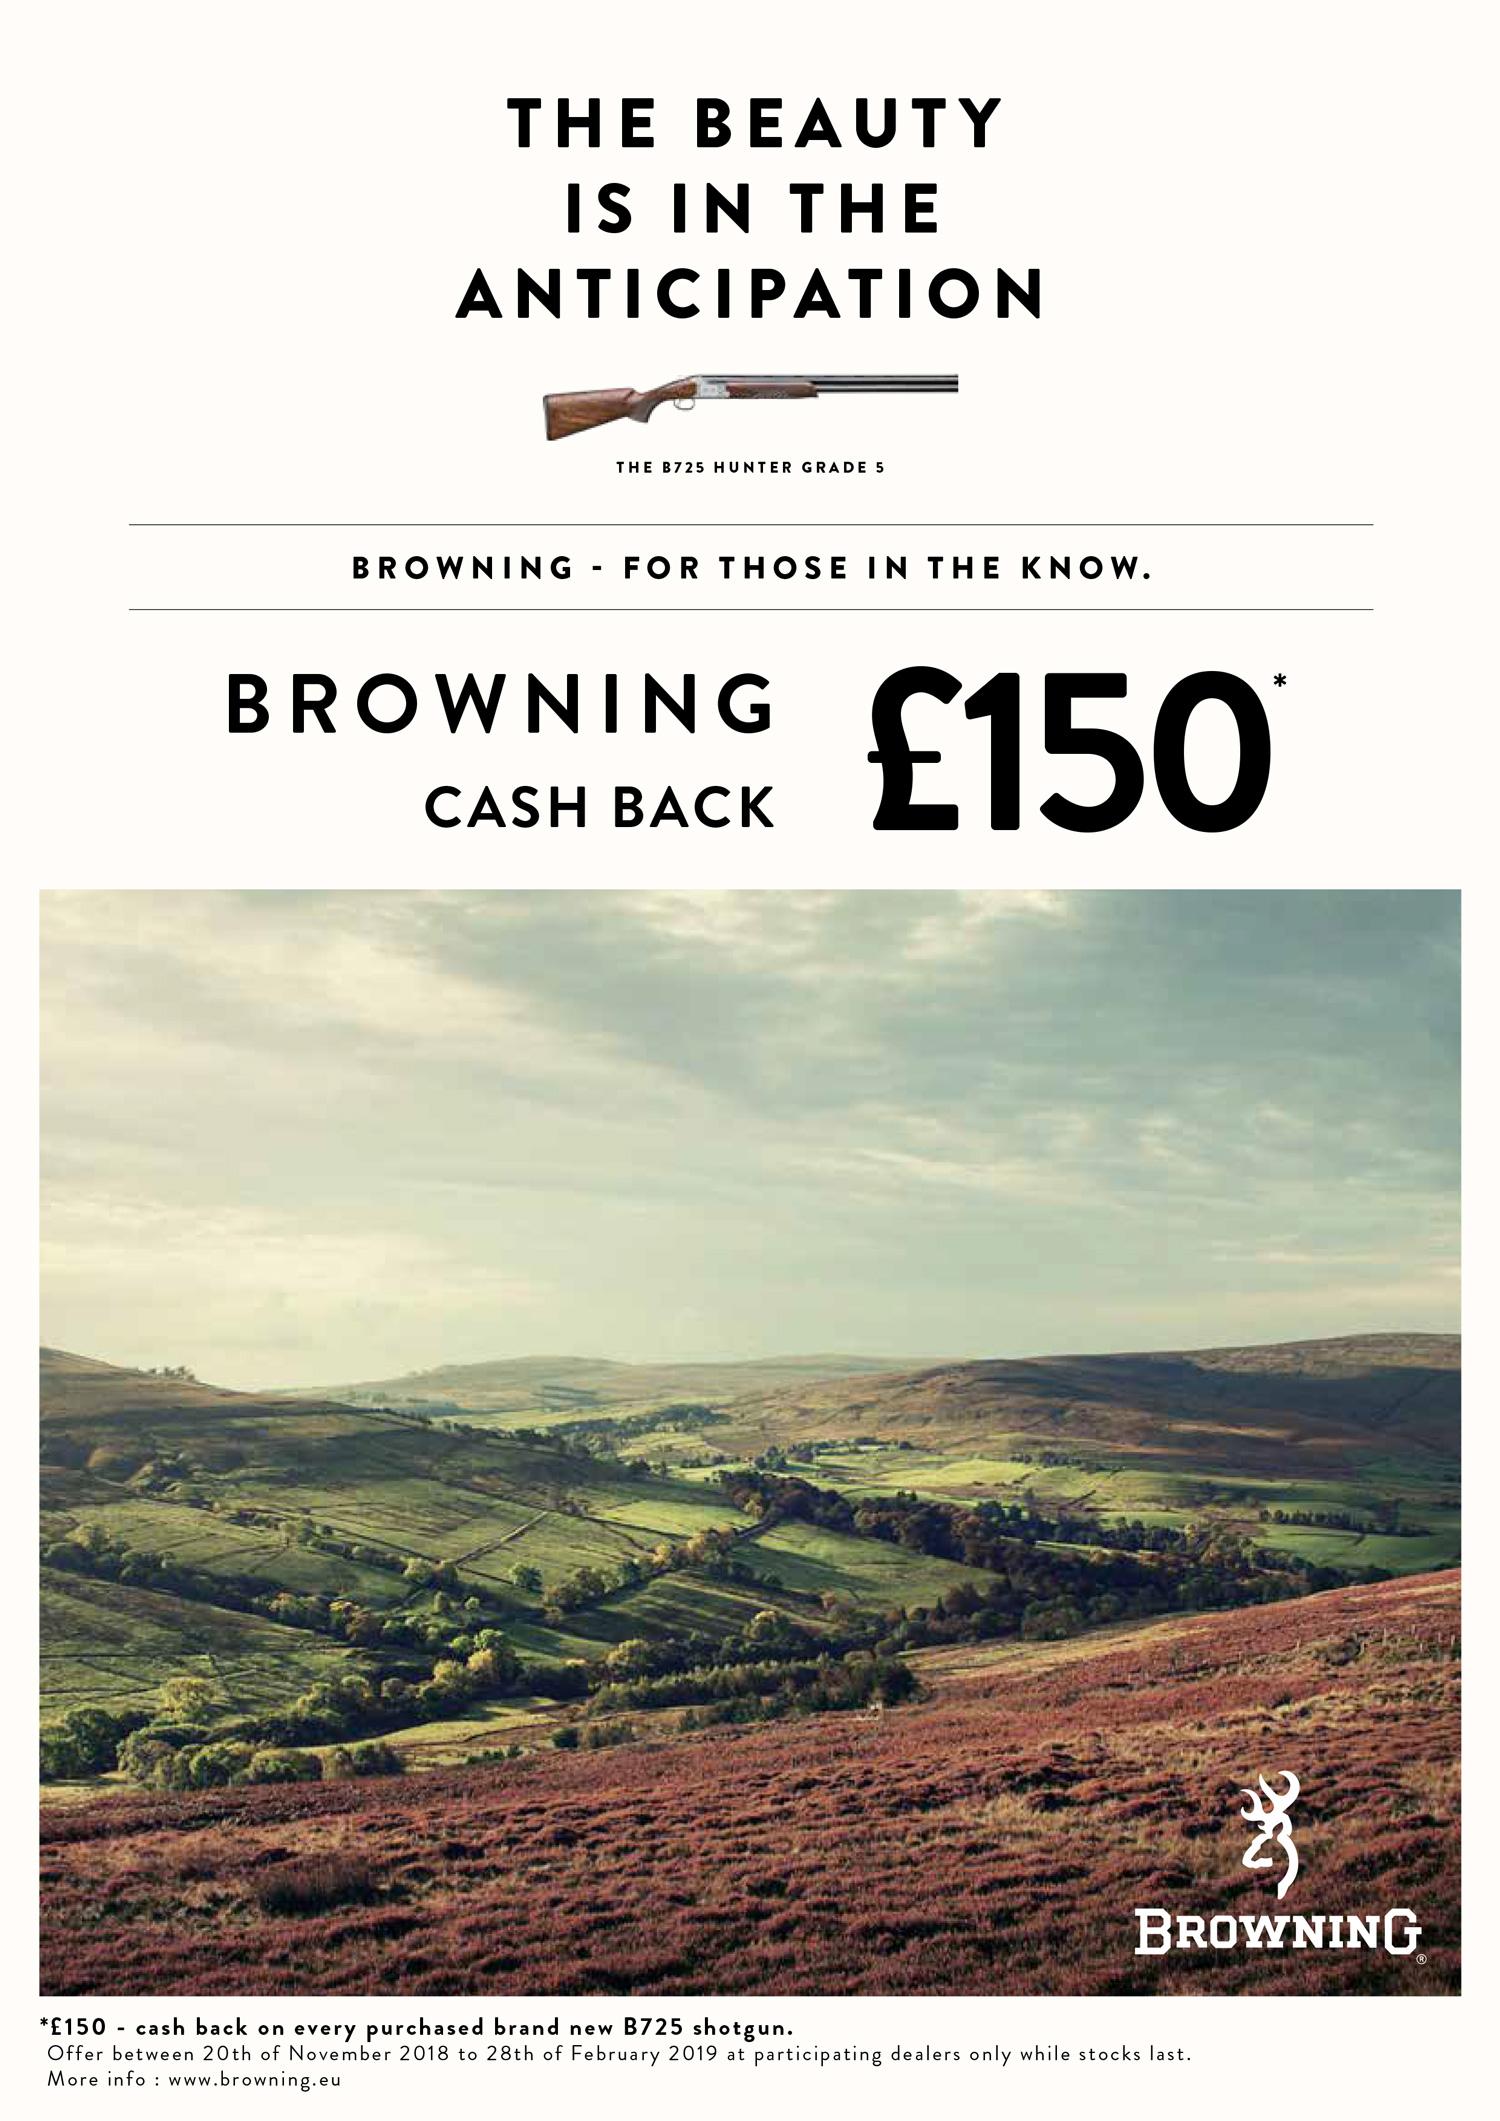 cash back over under £150 UK